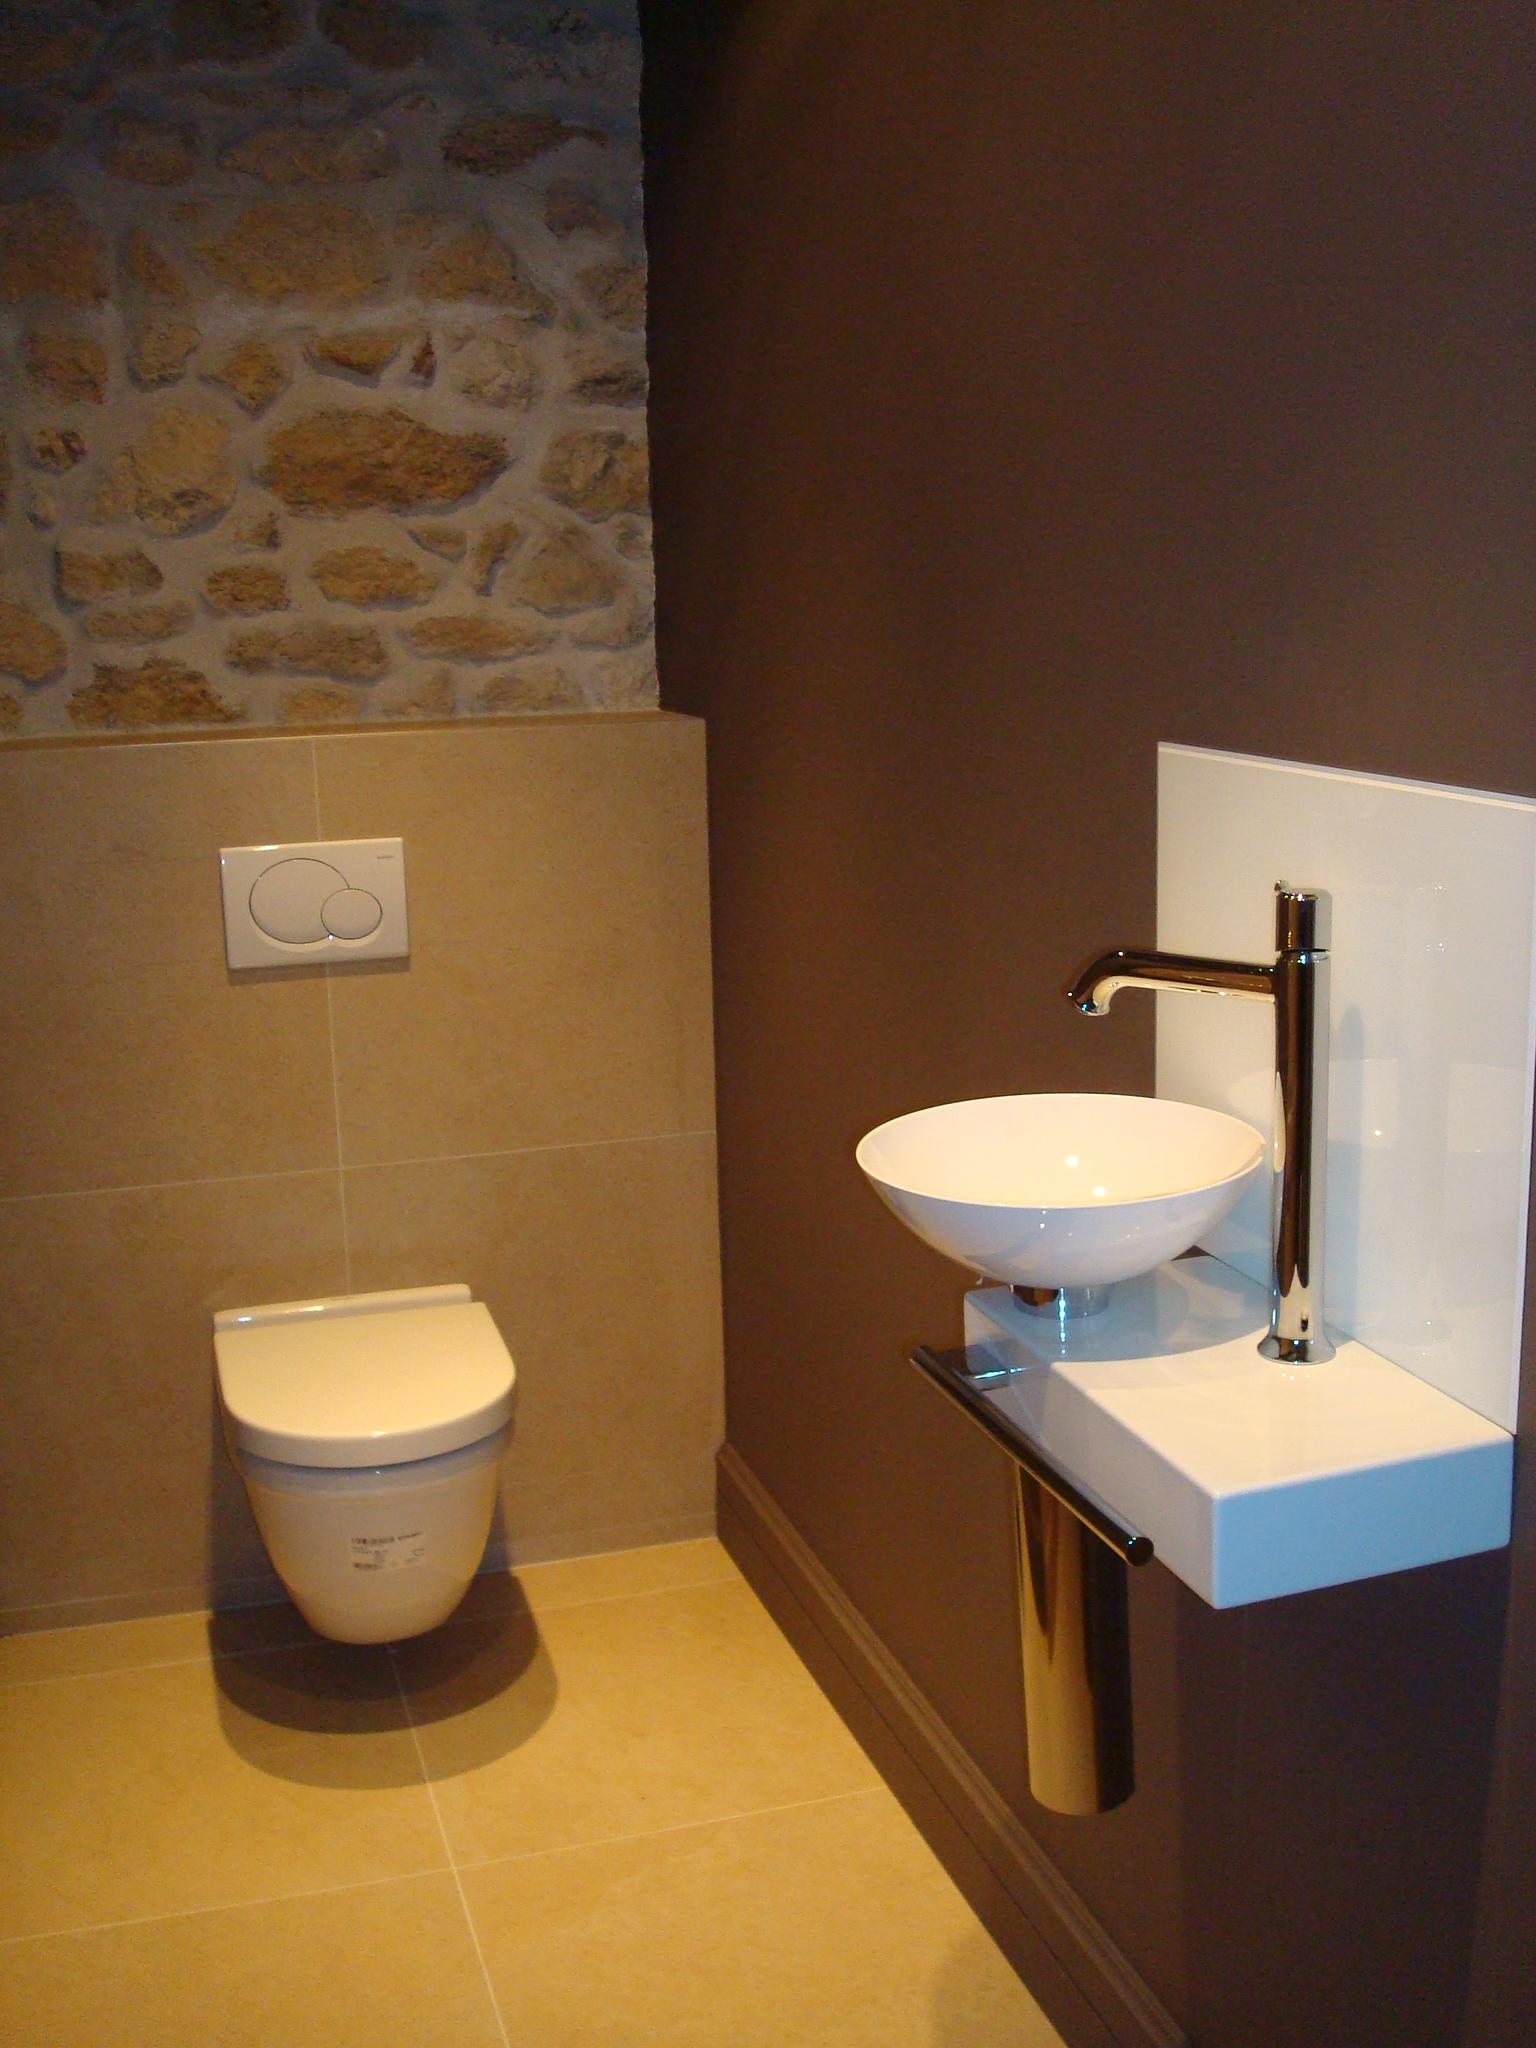 carrelage pour wc pas cher - atwebster.fr - maison et mobilier